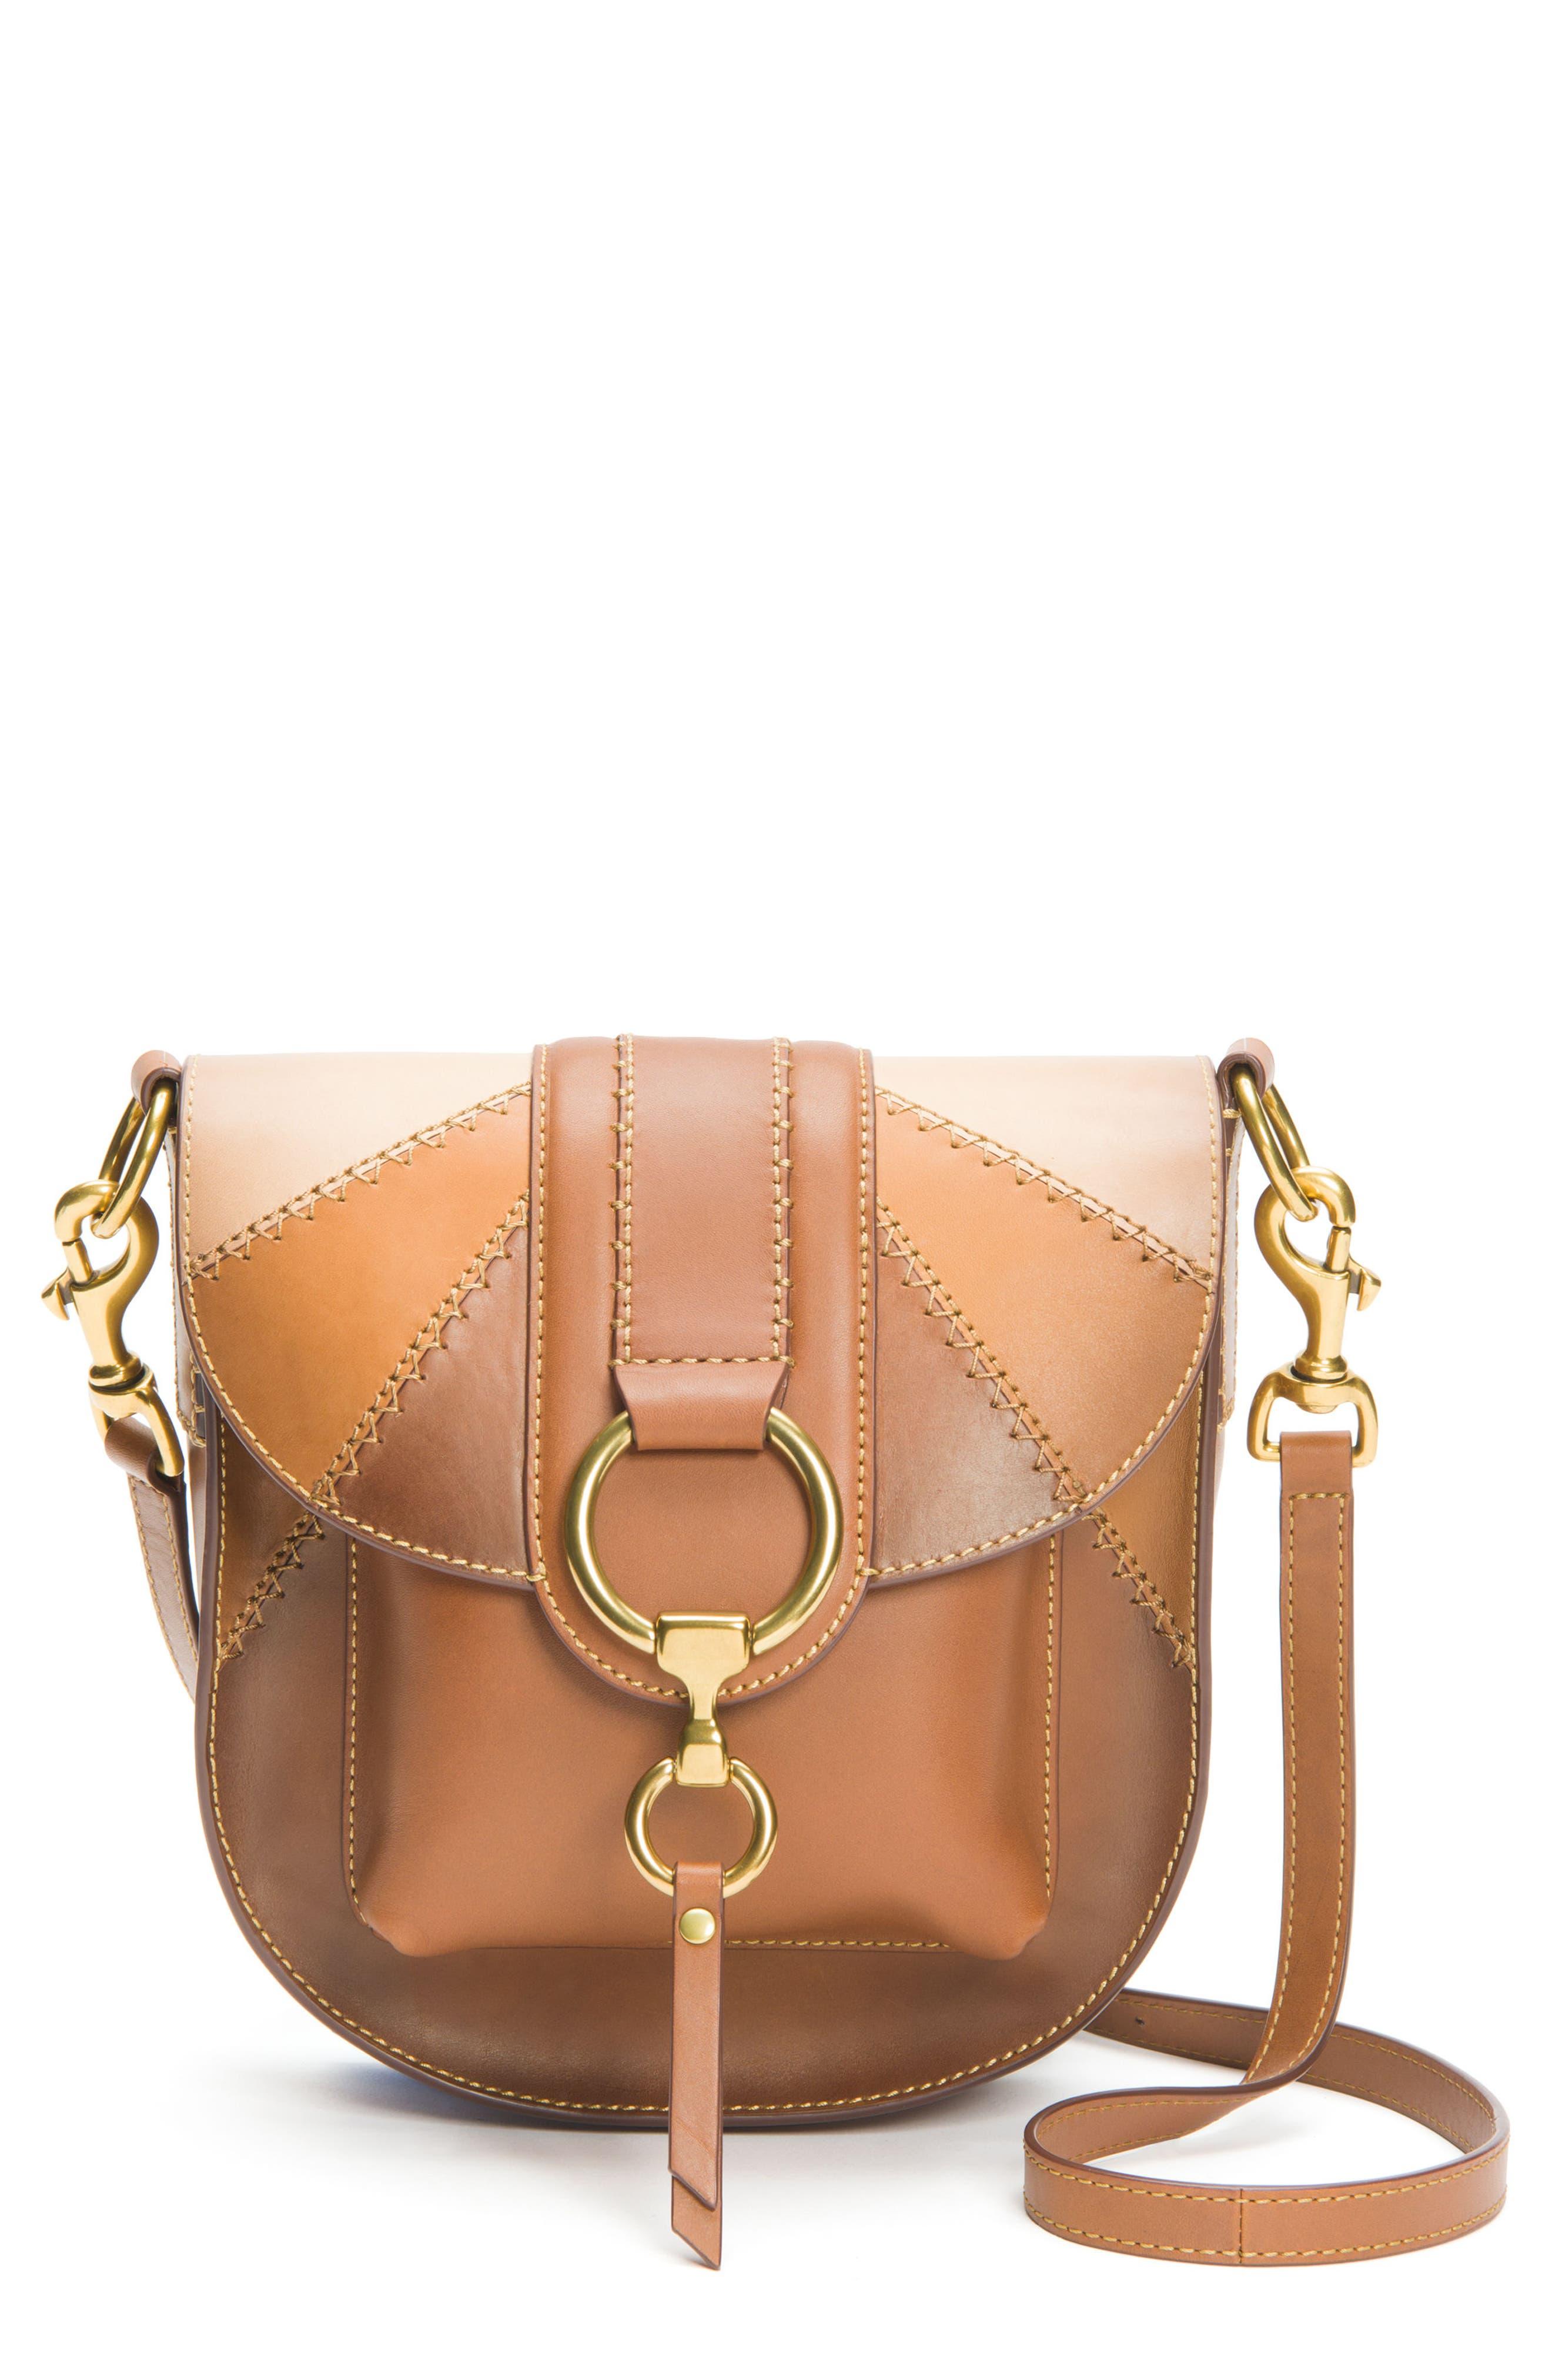 Ilana Colorblock Leather Saddle Bag,                             Main thumbnail 1, color,                             200